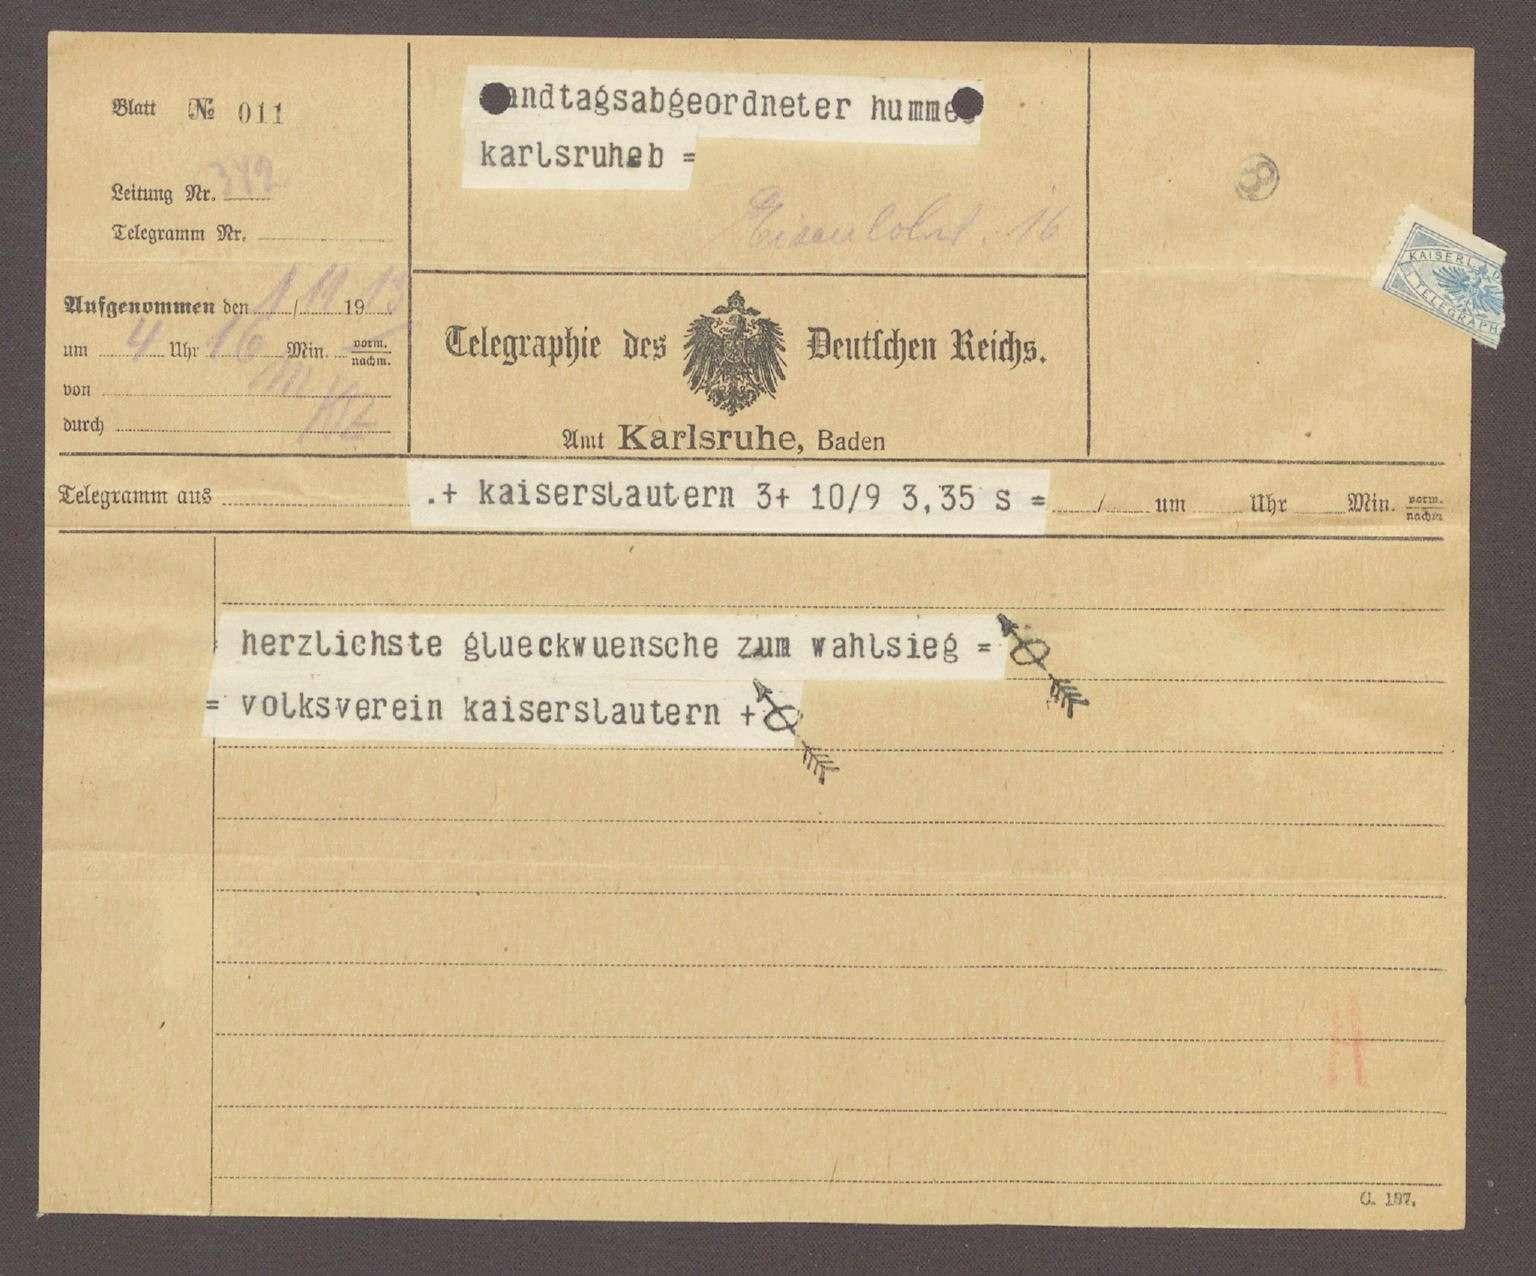 Glückwunschtelegramm vom Volksverein Kaiserslautern an Hermann Hummel, 1 Telegramm, Bild 1